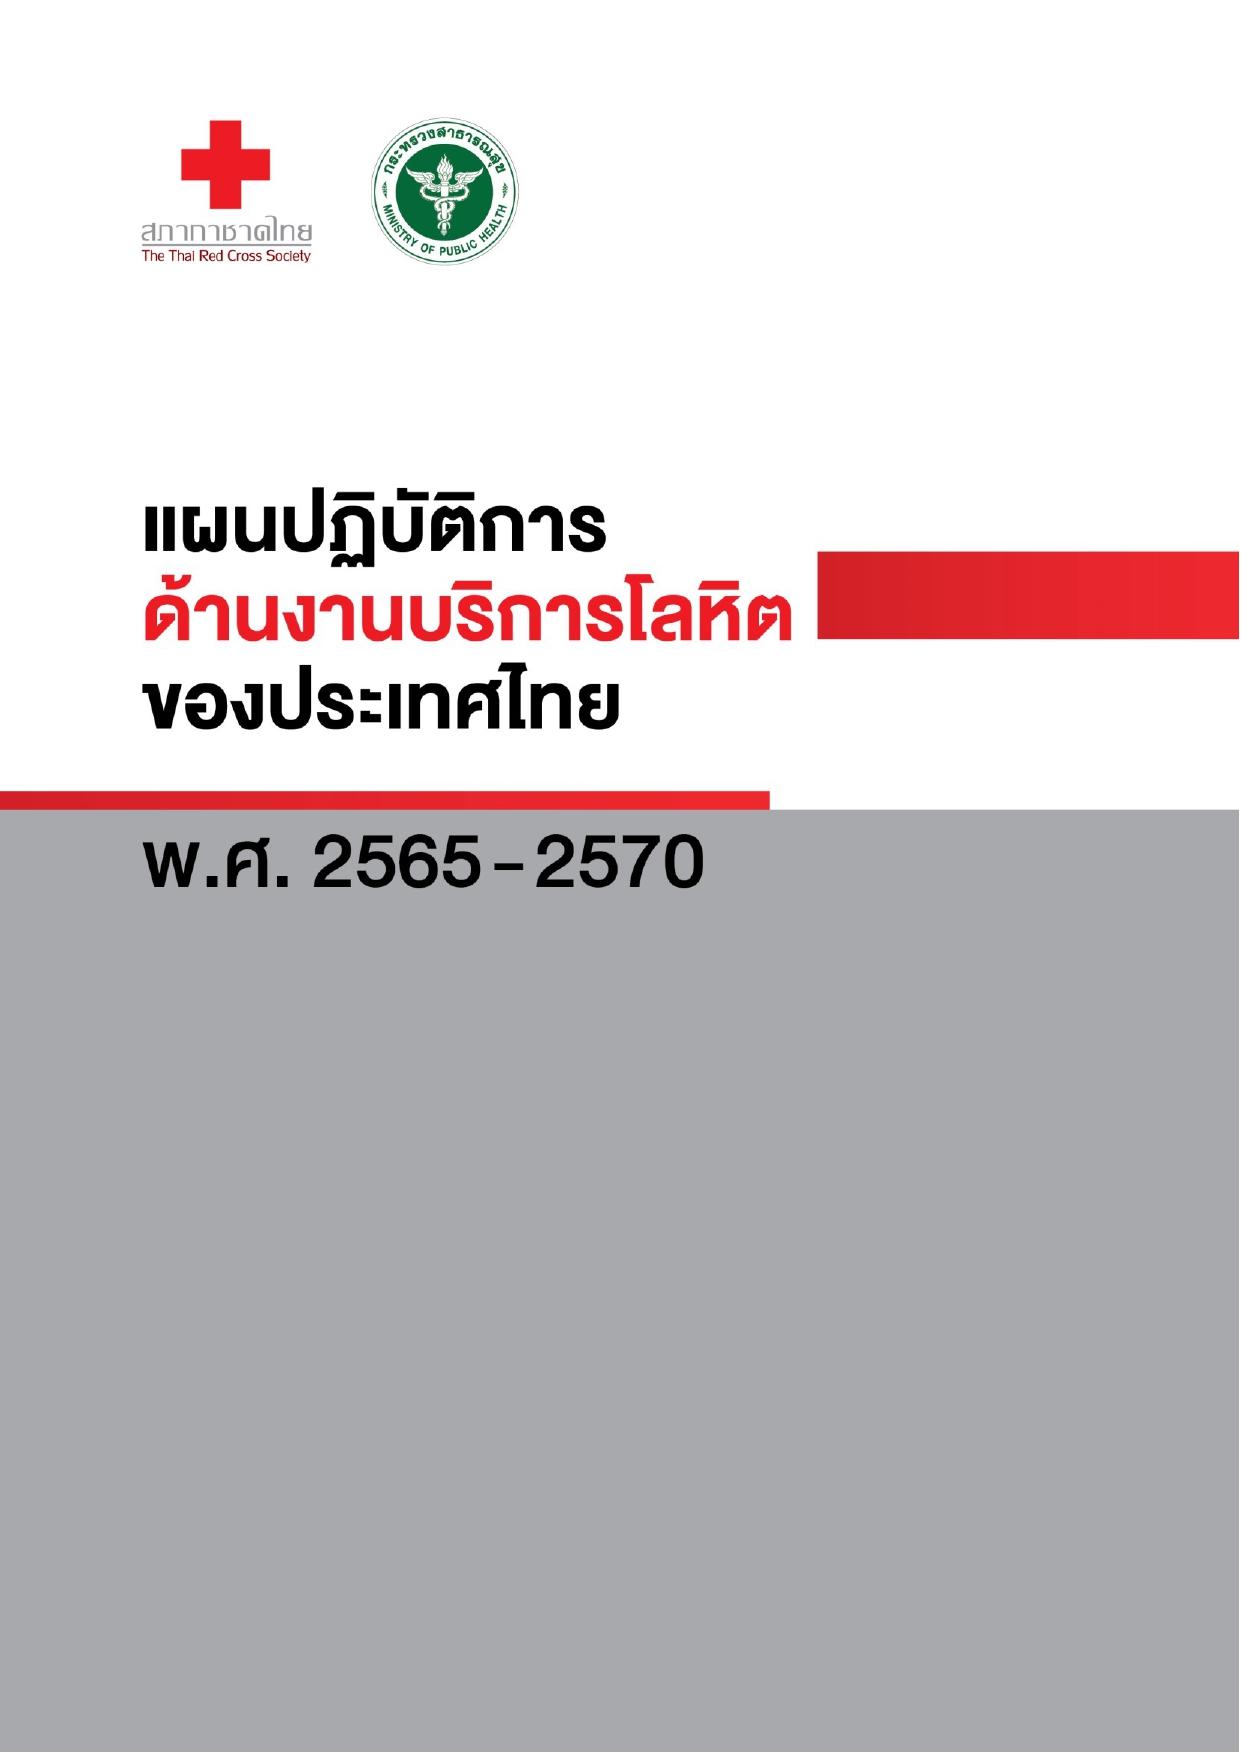 แผนปฏิบัติการด้านงานบริการโลหิตของประเทศไทย พ.ศ. 2565-2570